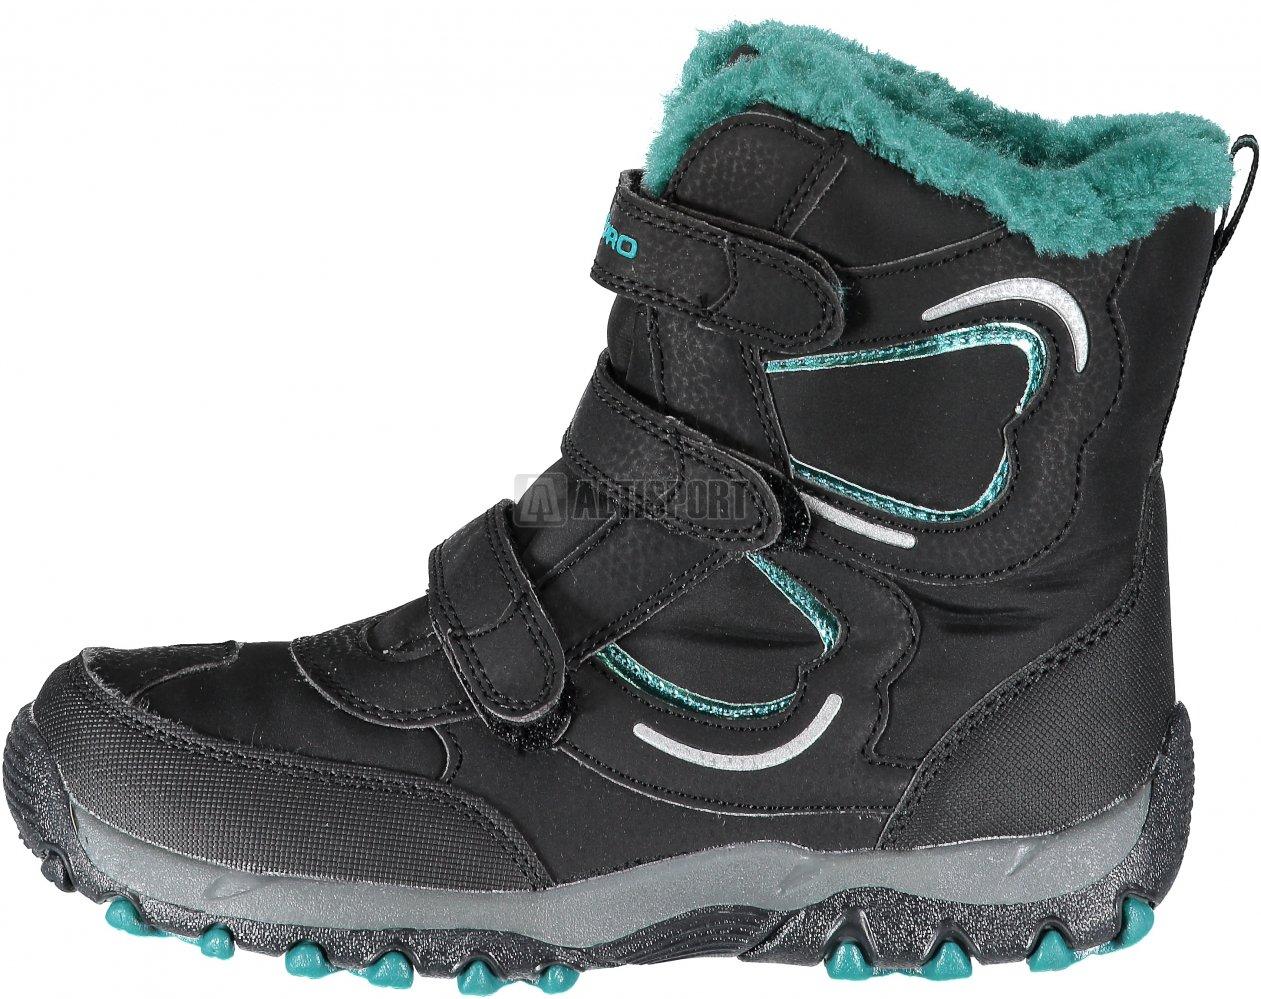 649e1761850 Dětská zimní obuv ALPINE PRO HARYKO KBTK158 ZELENÁ velikost  EU 22 ...